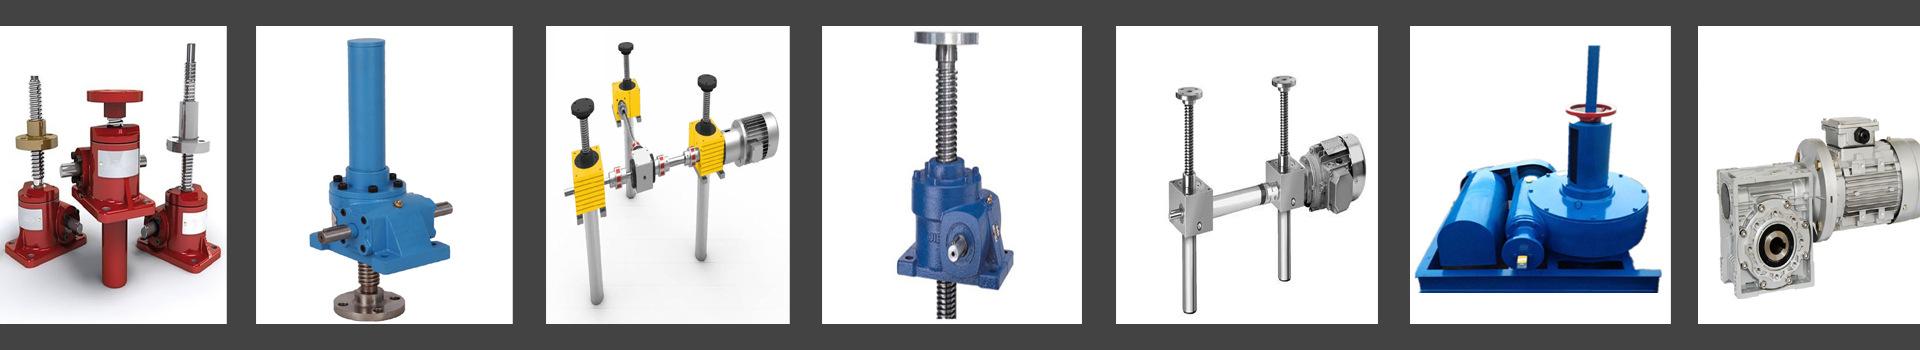 微型丝杆升降机 铝壳丝杆升降机 微型滚珠丝杆升降机 升降机,丝杆升降机,螺旋升降机,螺旋丝杆升降机,升降机生产厂家